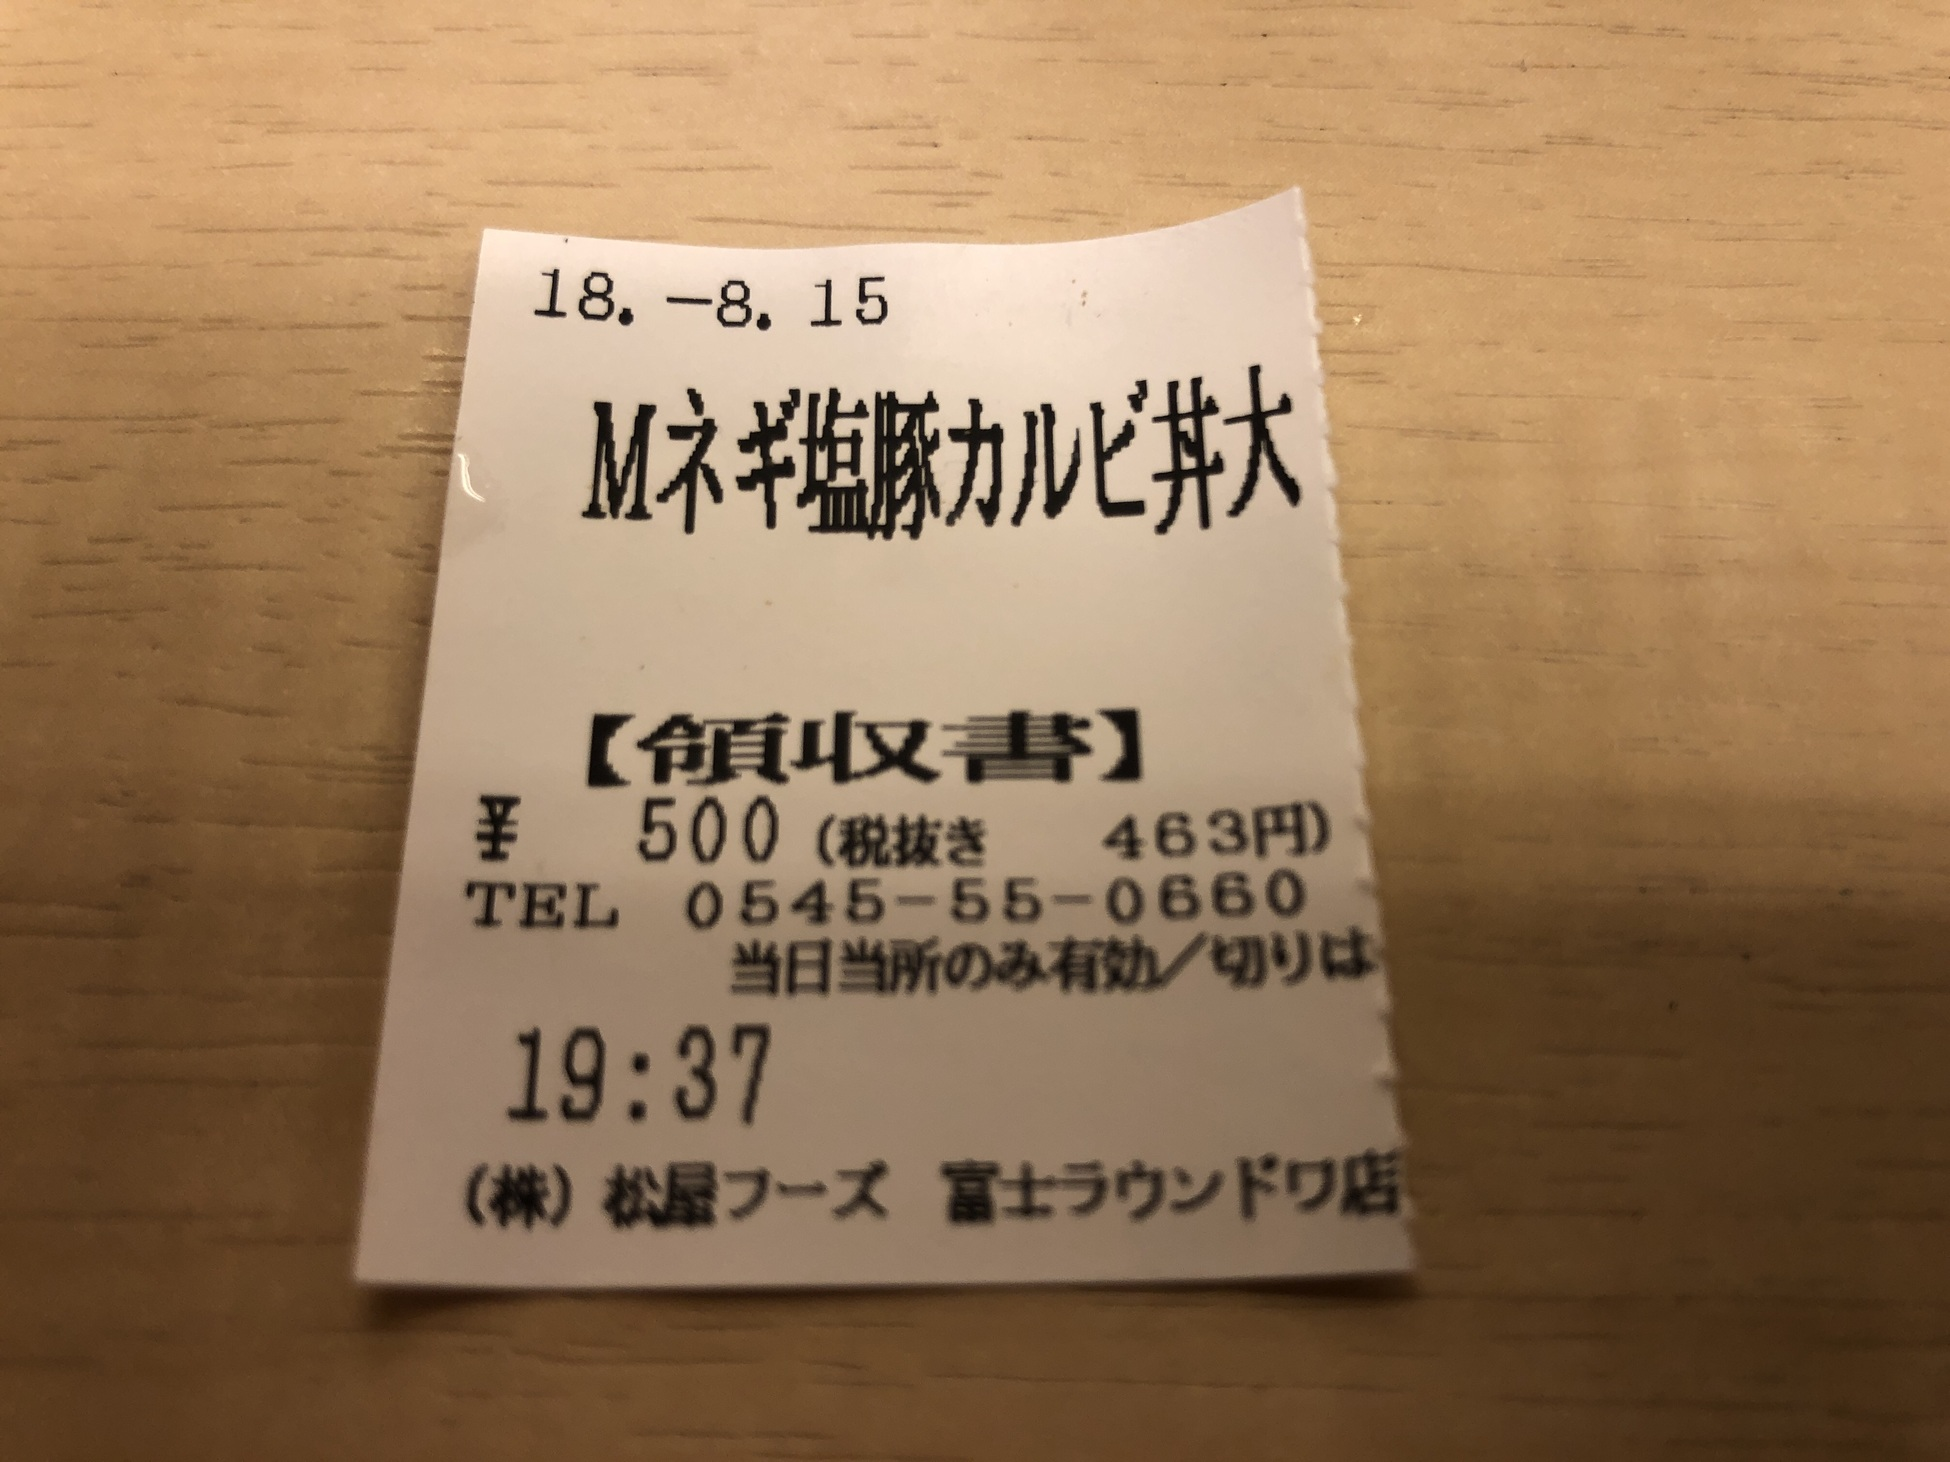 松屋 富士ラウンドワン店 name=